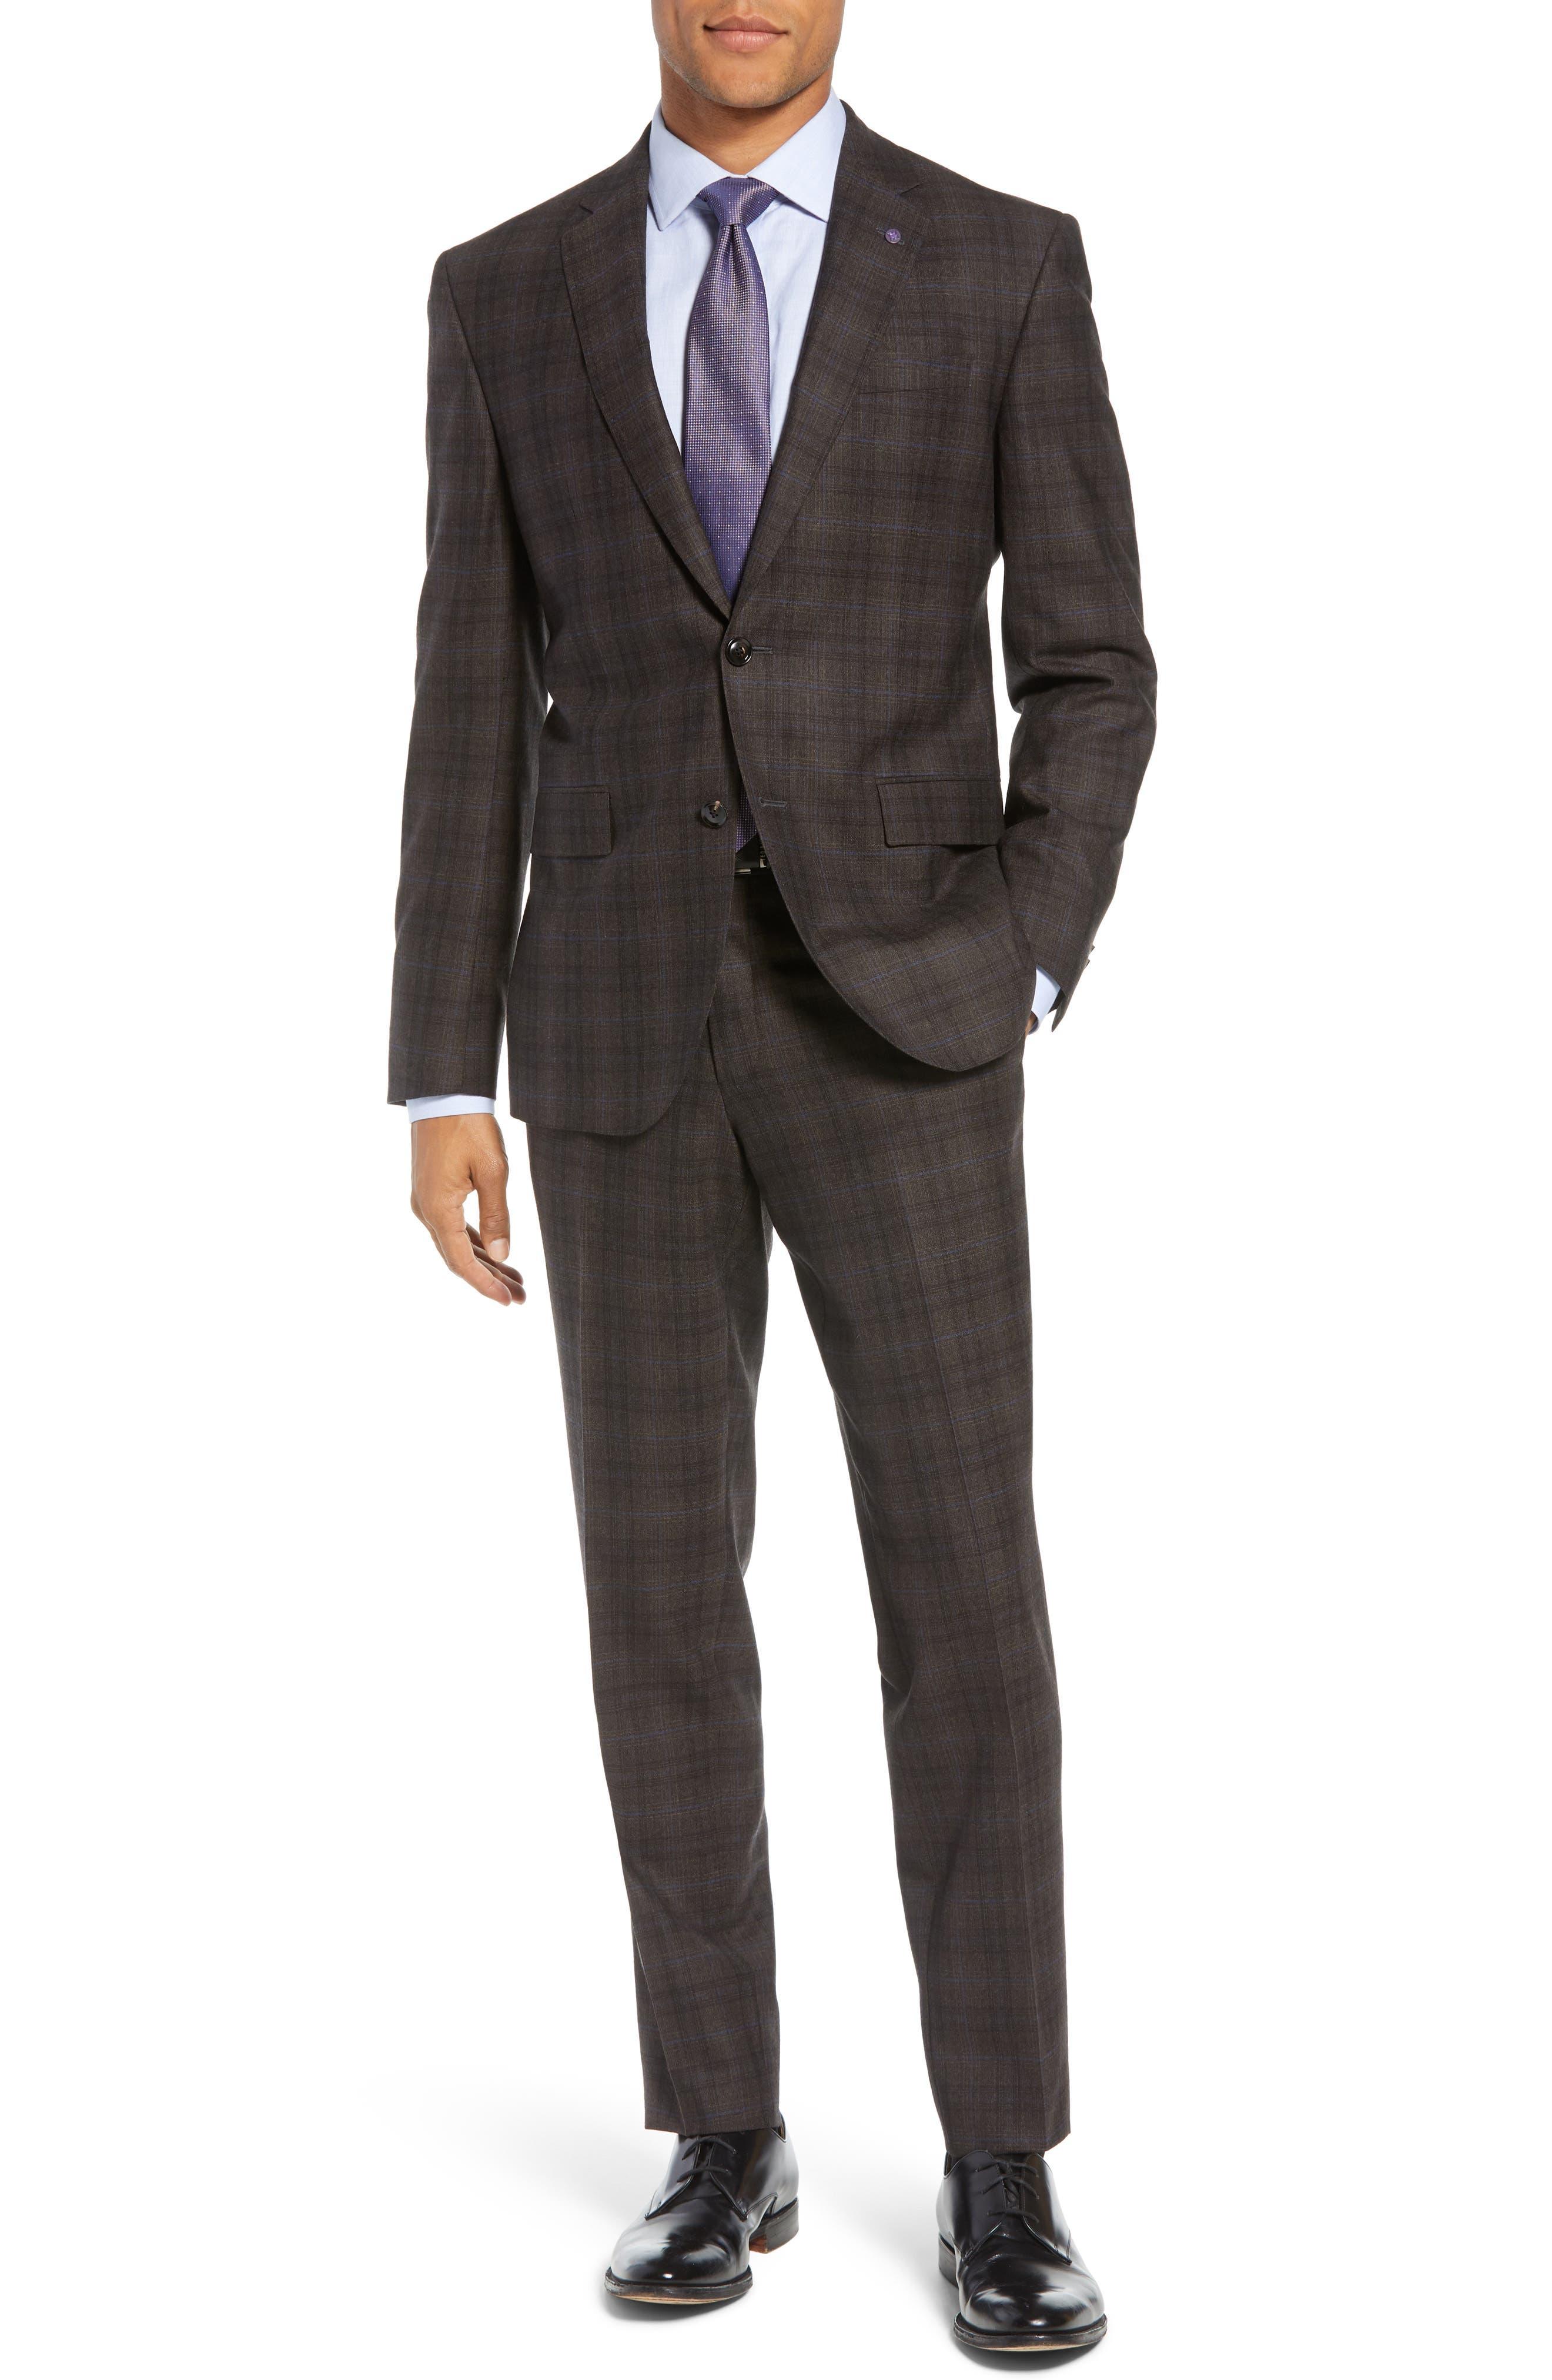 Jay Trim Fit Plaid Wool Suit,                             Main thumbnail 1, color,                             BROWN PLAID